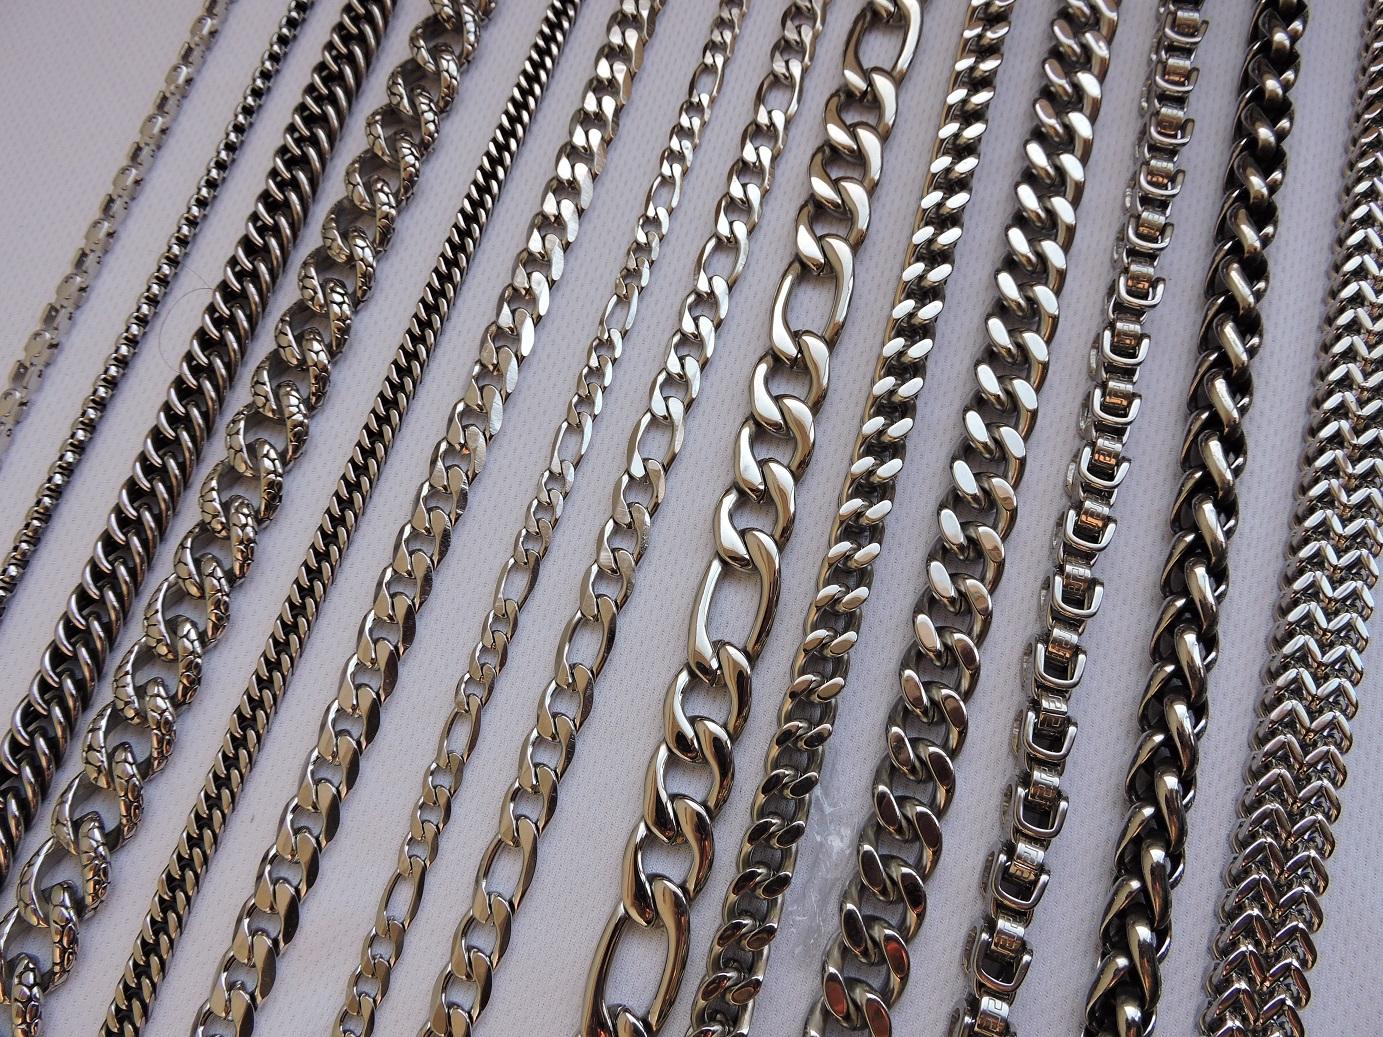 цепочки из стали